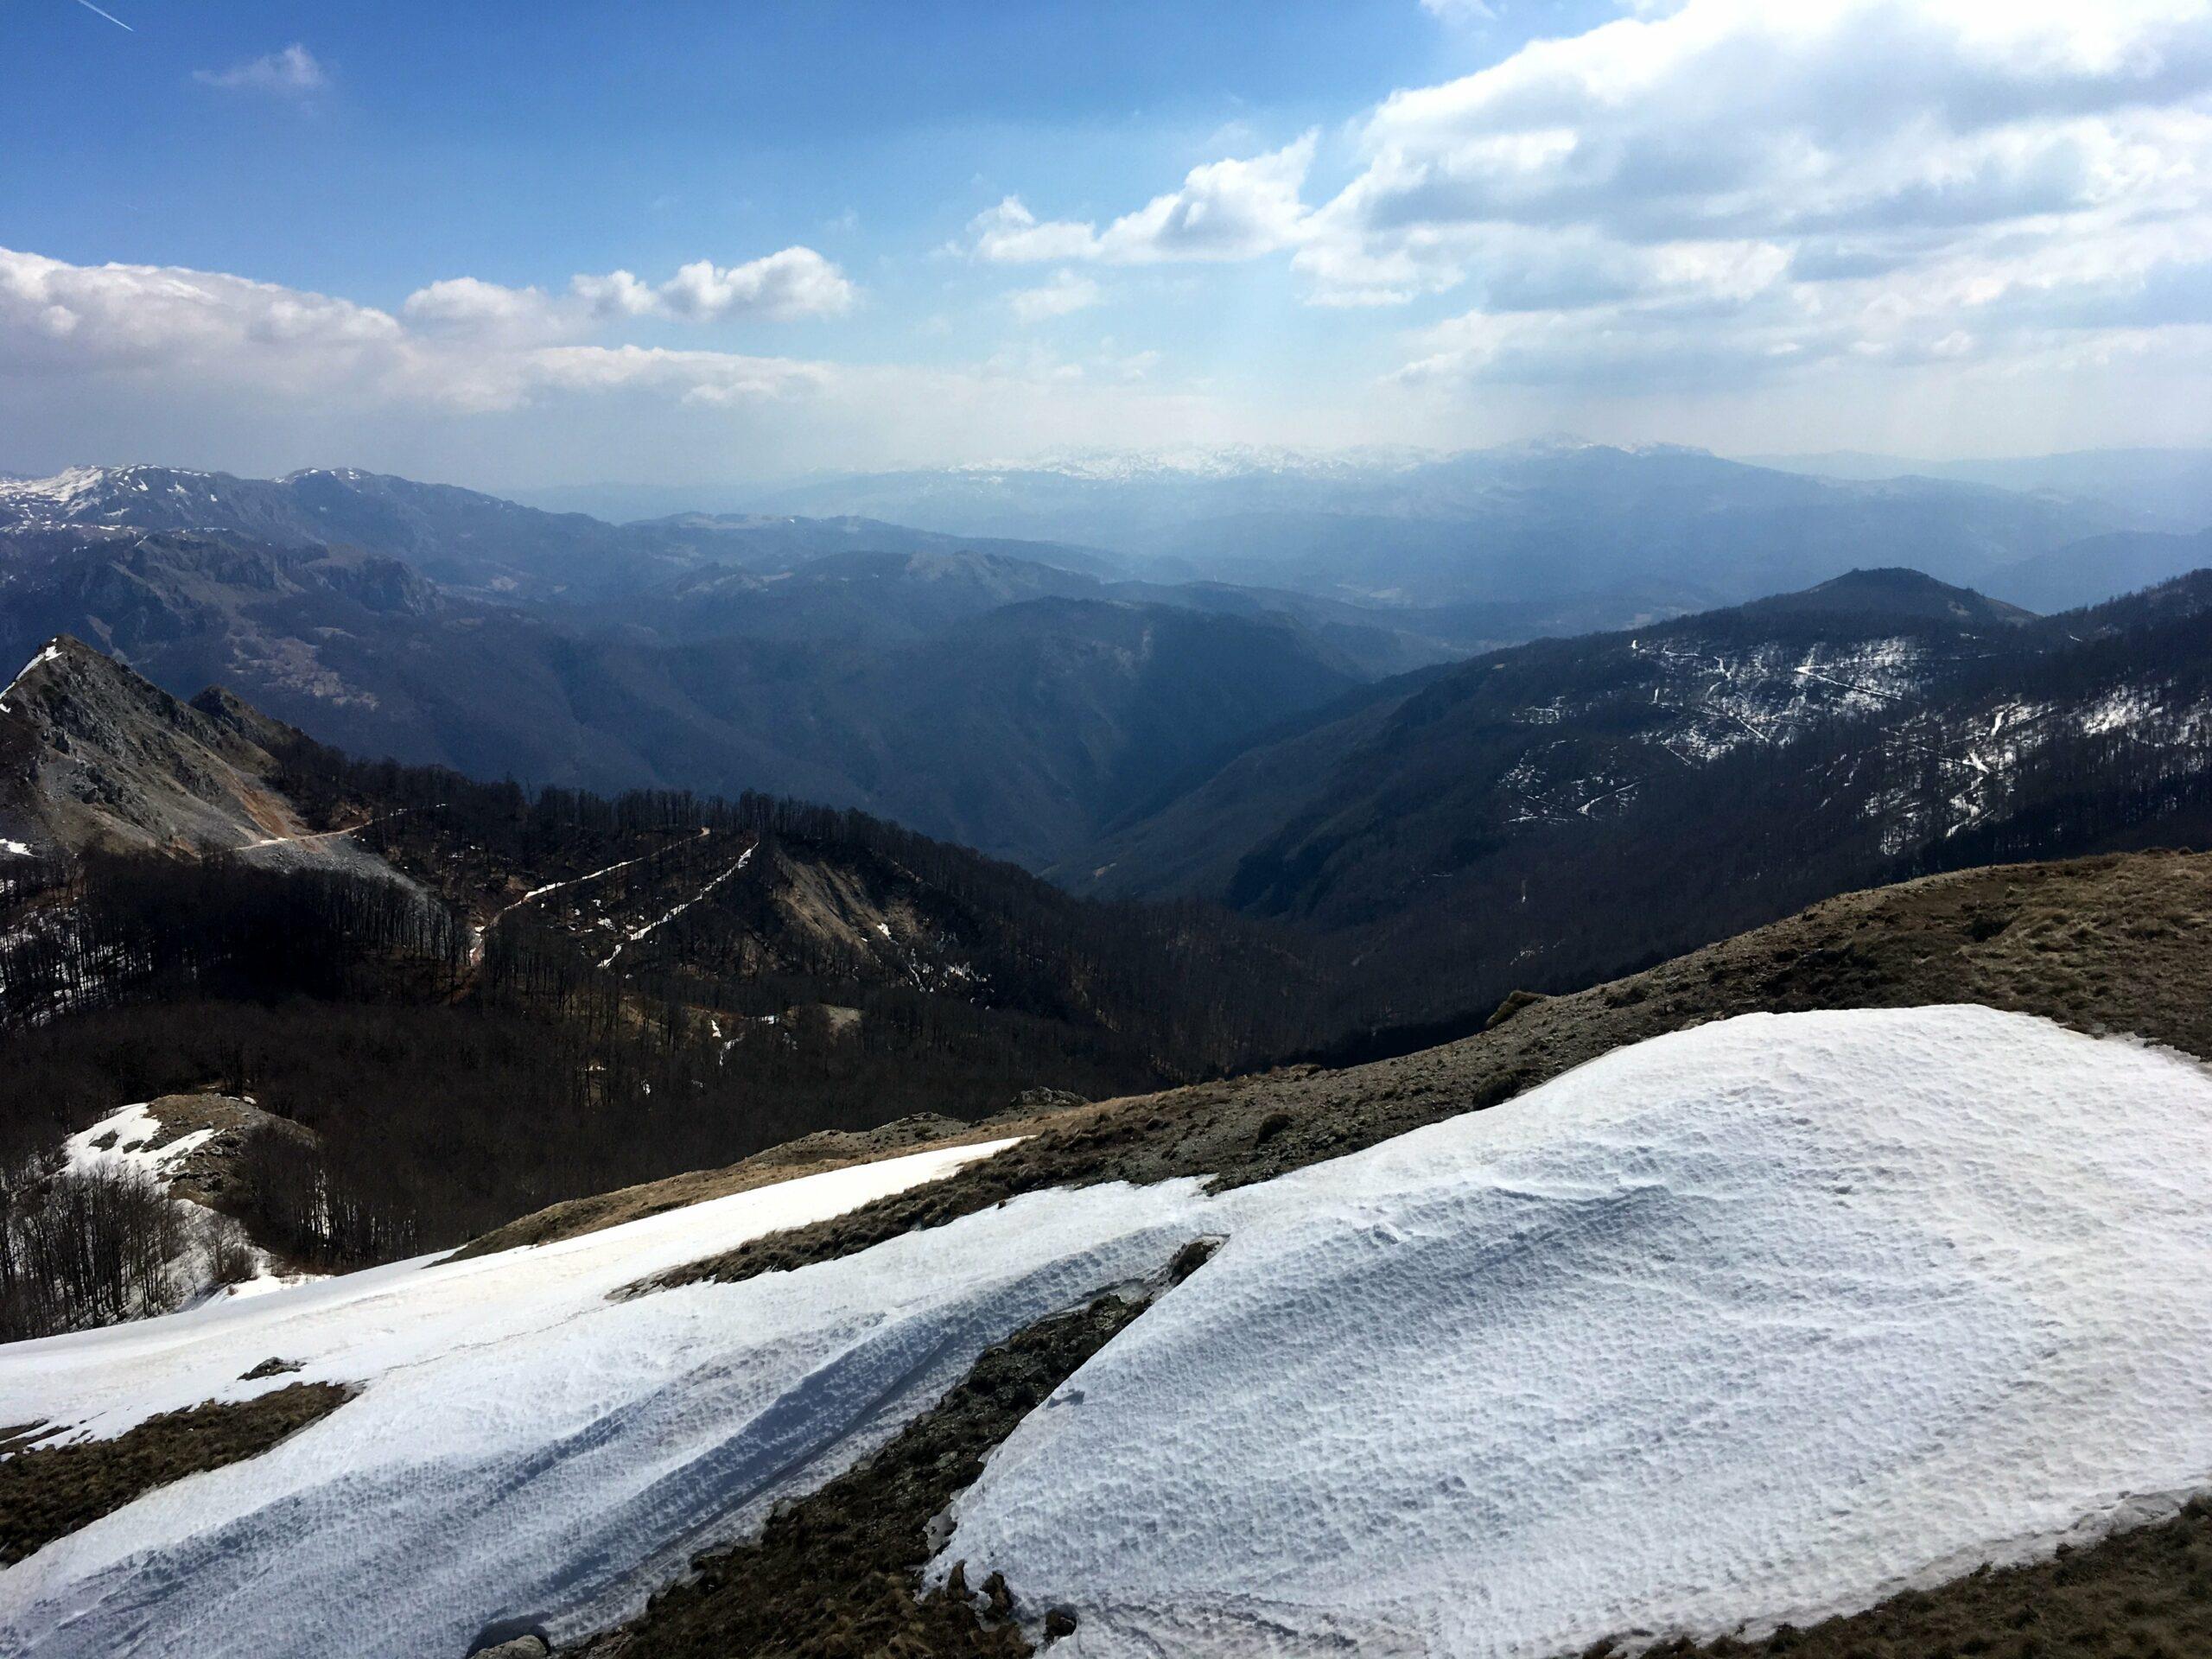 View from Crveni Kuk